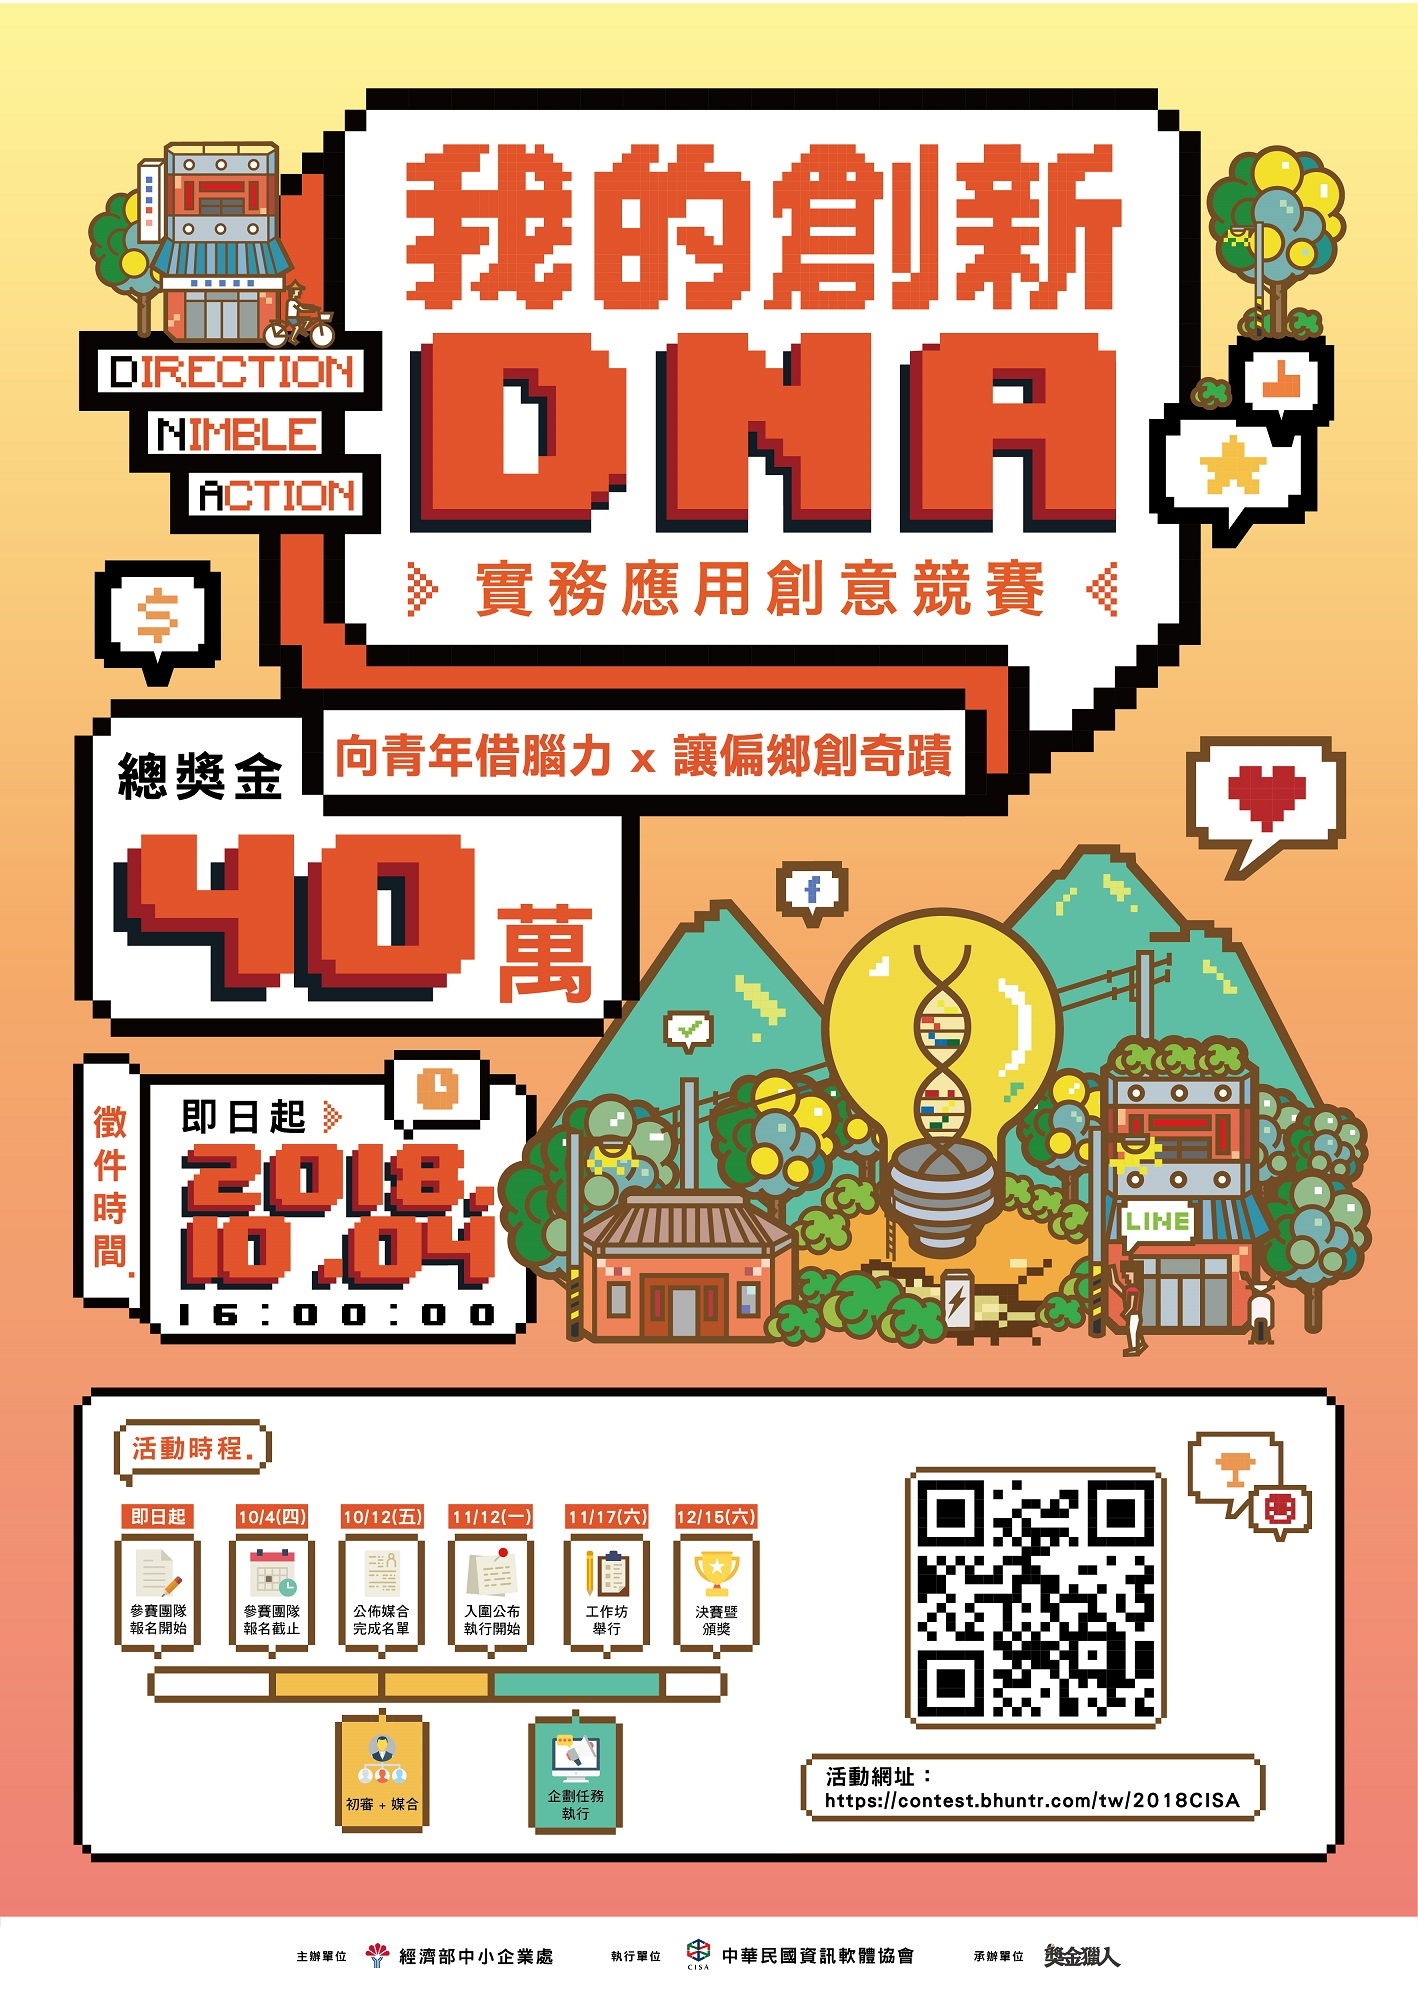 〈我的創新DNA〉實務應用創意競賽